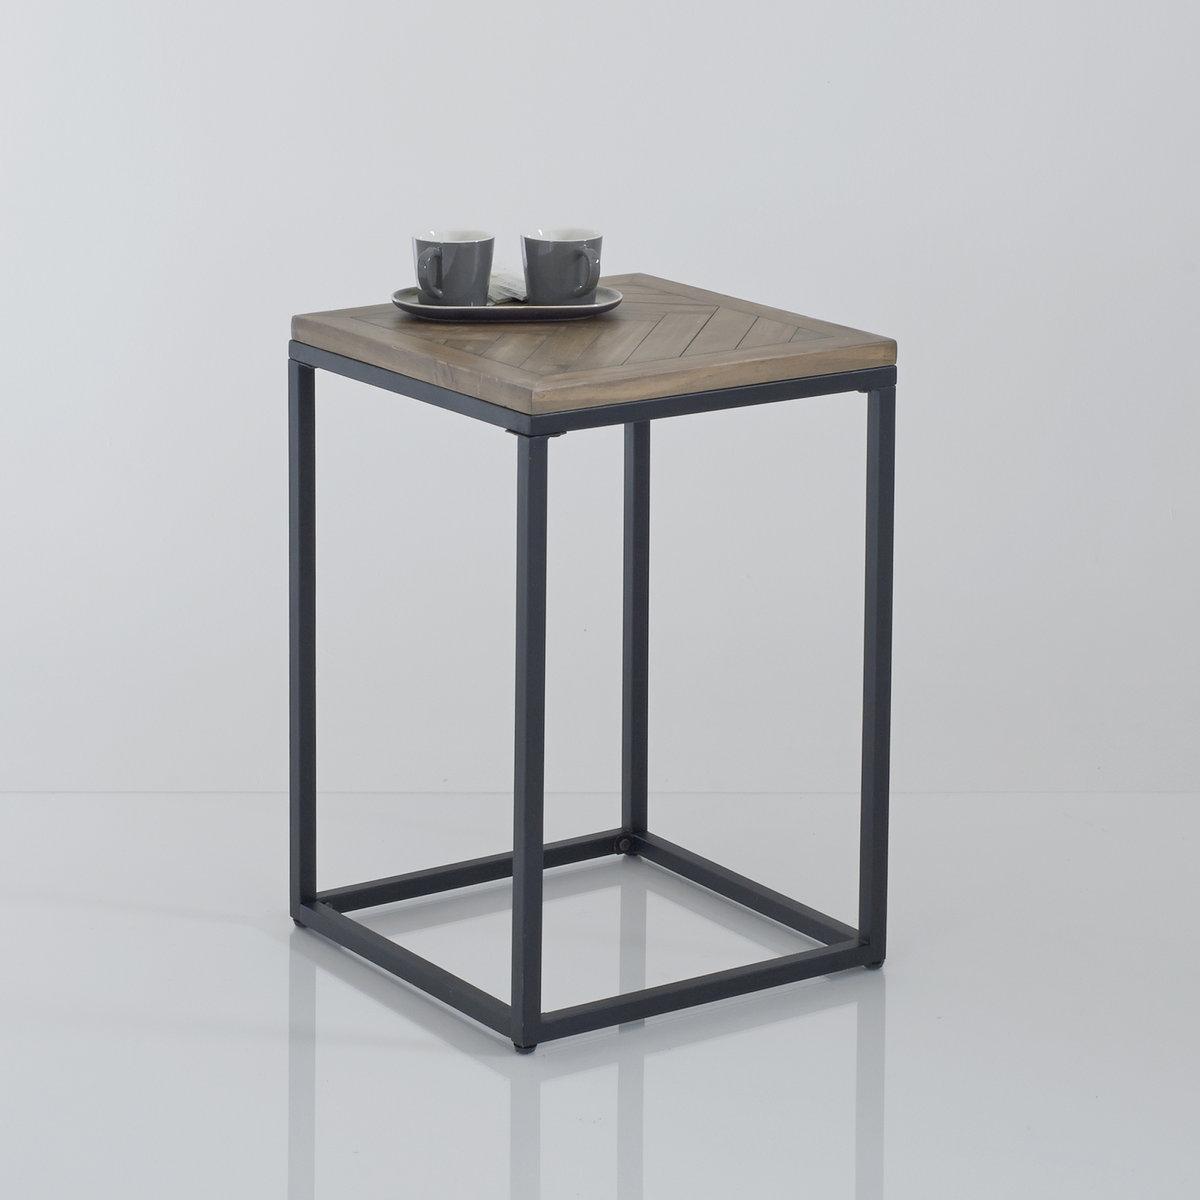 Столик из металла и дерева, H высота 60 см, Nottingham столик из металла и дерева h высота 60 см nottingham